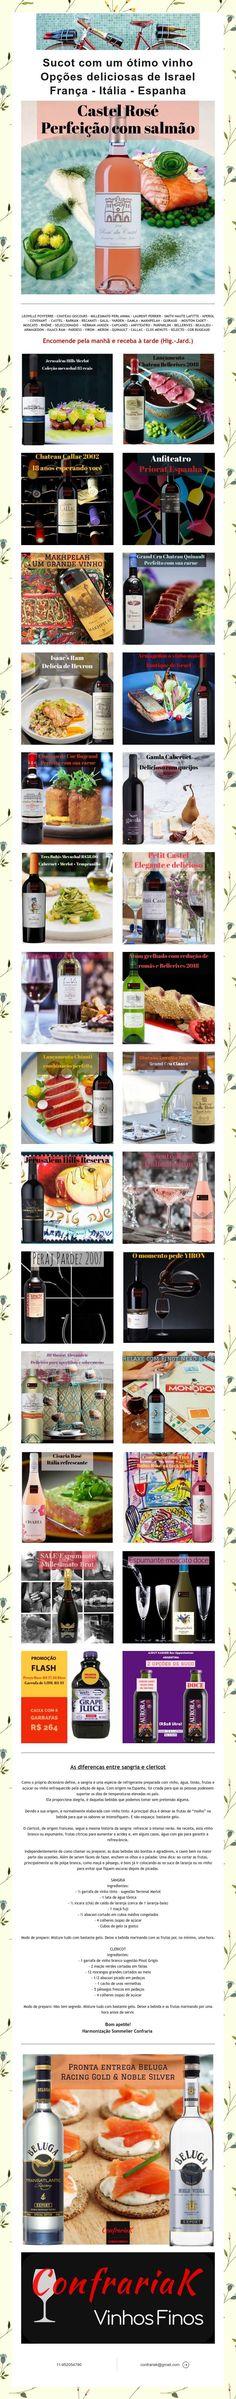 Sucot com um ótimo vinho Opções deliciosas de Israel França - Itália - Espanha Israel, Spain, Italia